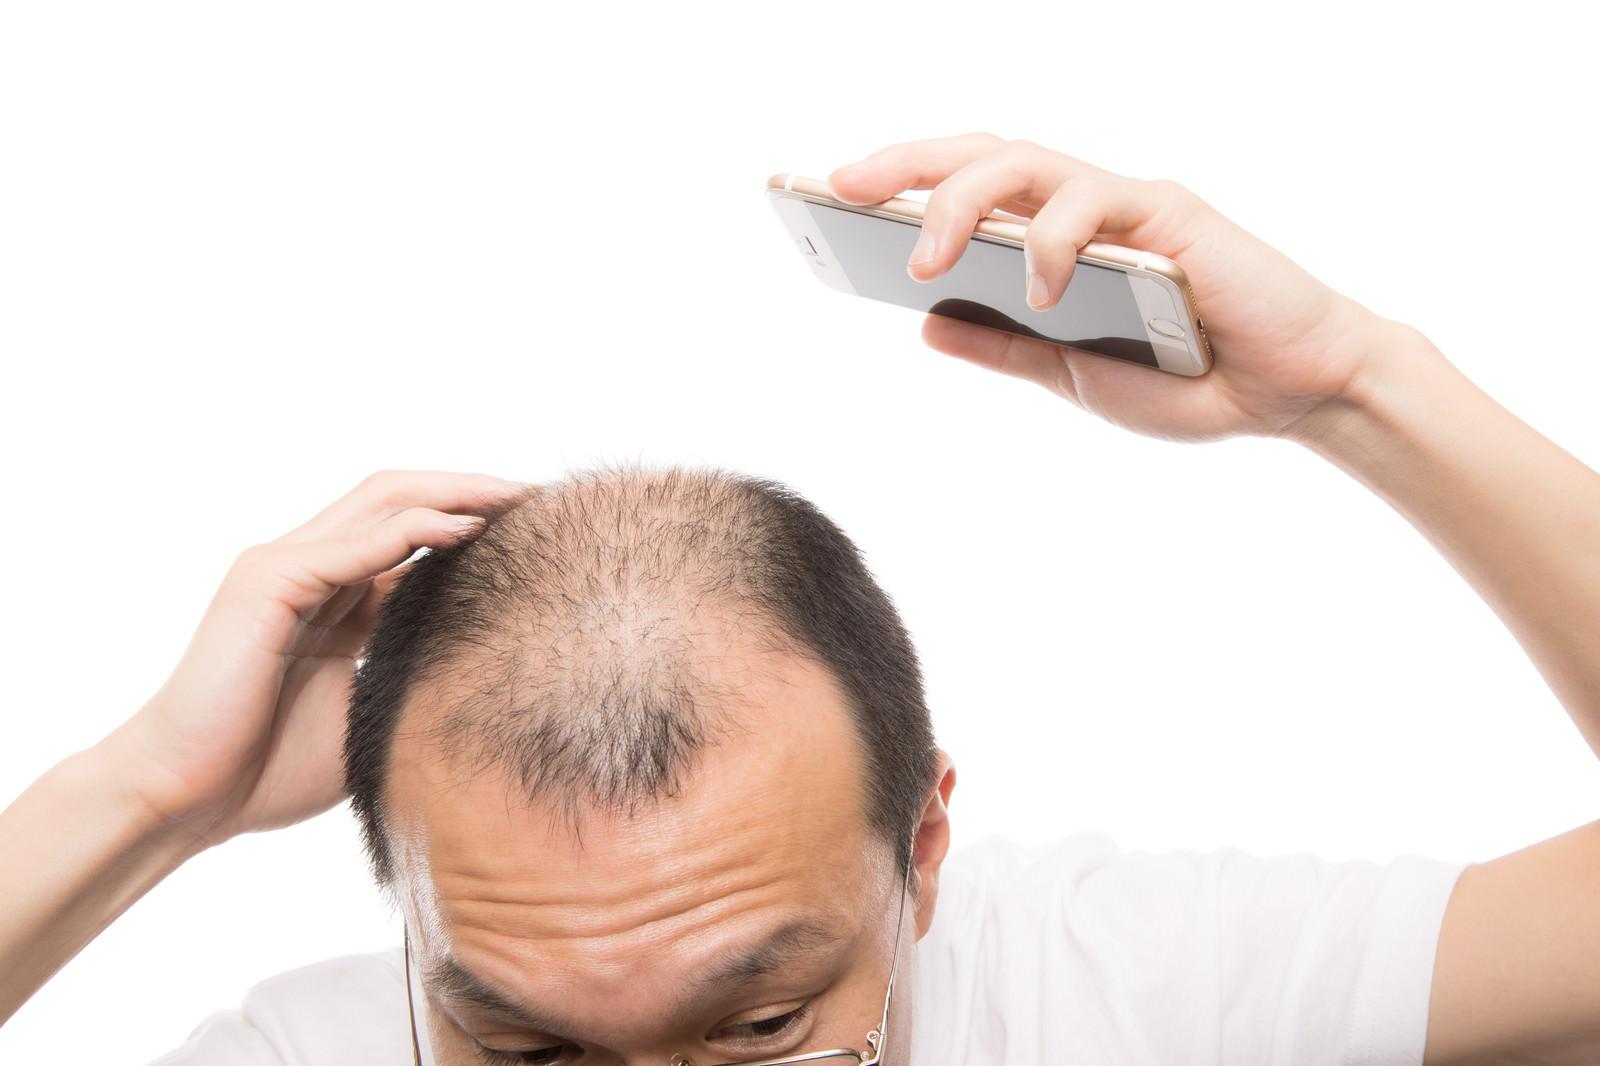 「頭頂部から後頭部にかけてスマホで薄毛具合をチェックする男性」の写真[モデル:サンライズ鈴木]